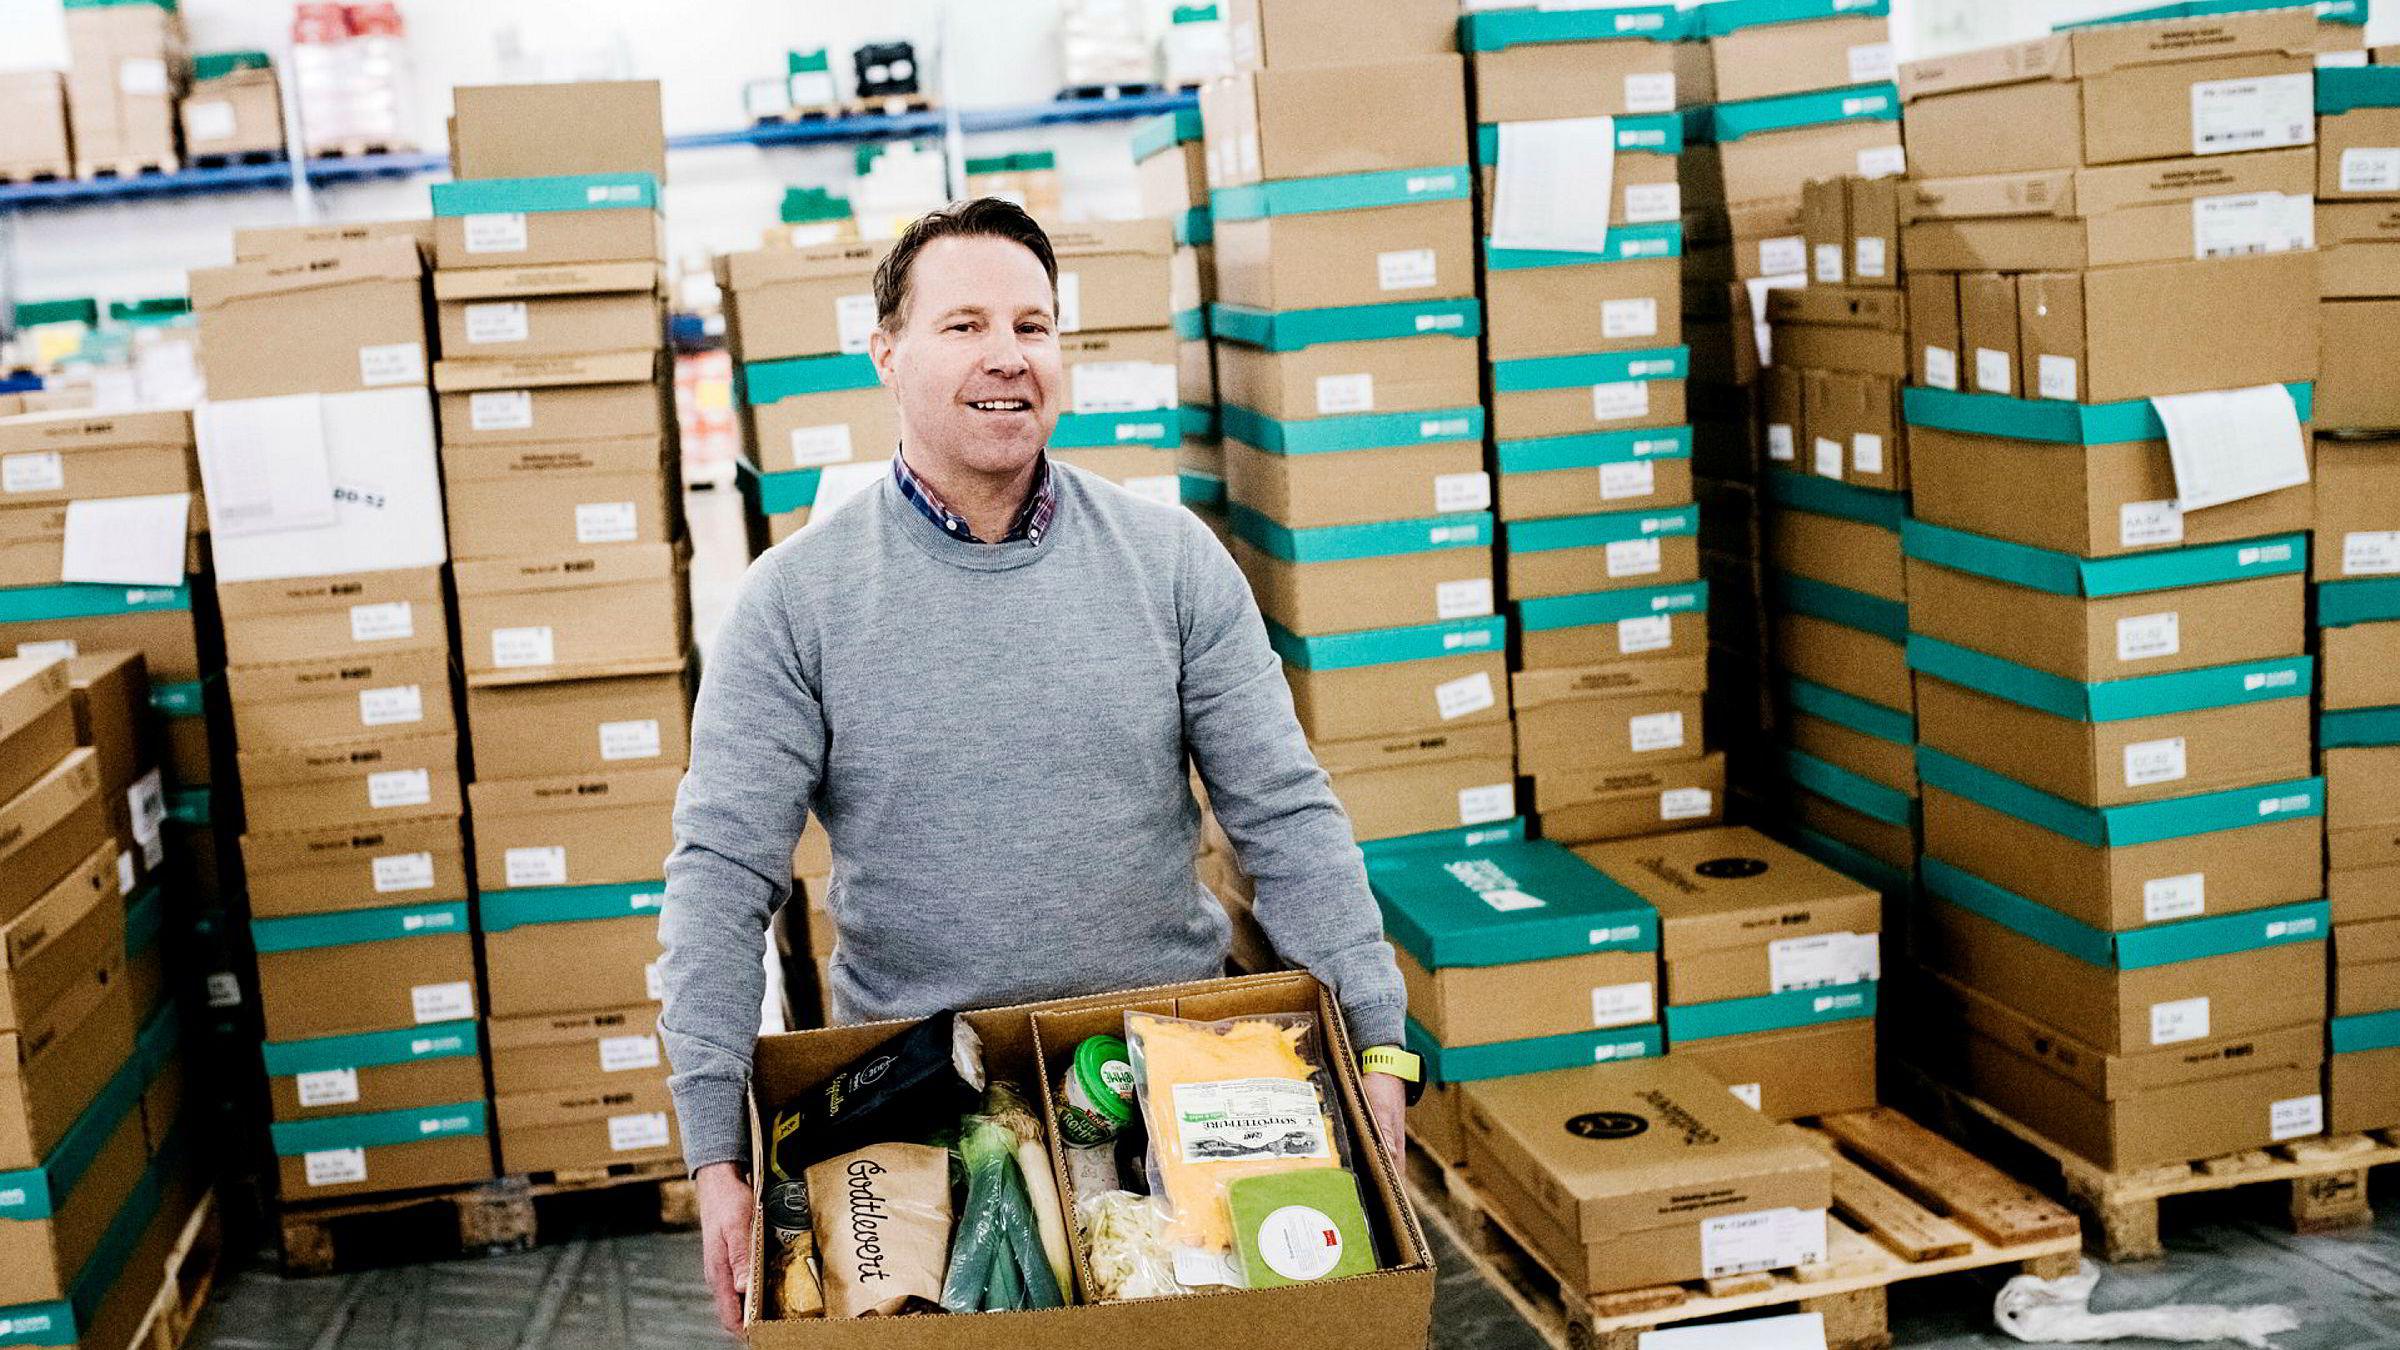 Et tidligere papirlager på Furuset er blitt til en ny matkassefabrikk for Godtlevert og Adams matkasse. Investeringsselskapet til Kjetil Graver, som er en av gründerne bak Godtlevert, innkasserte i fjor 27 millioner kroner i etterkant av fusjonen.